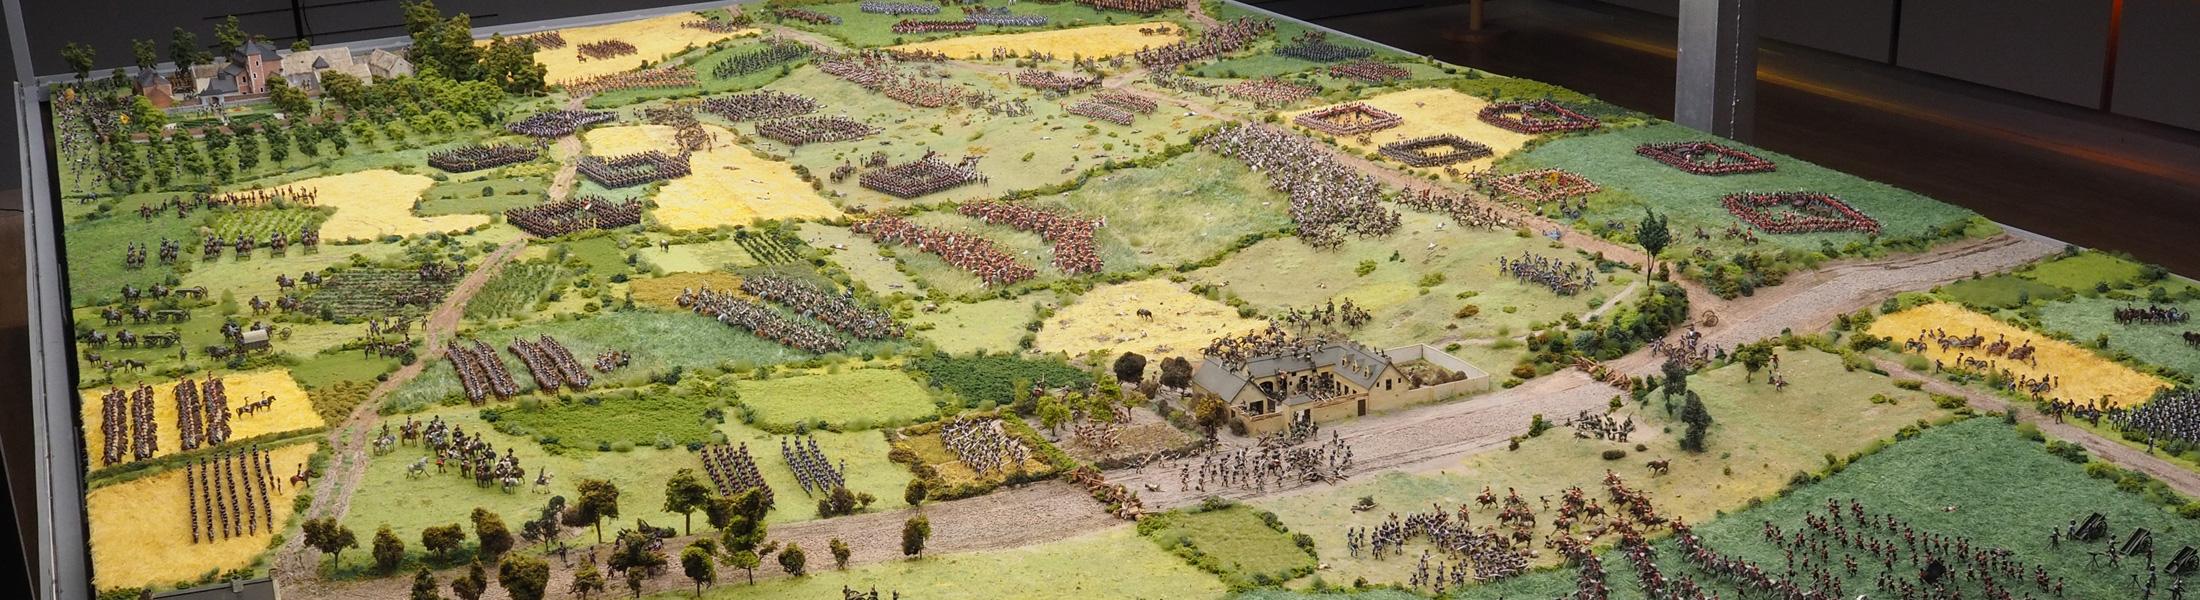 Maqueta Waterloo